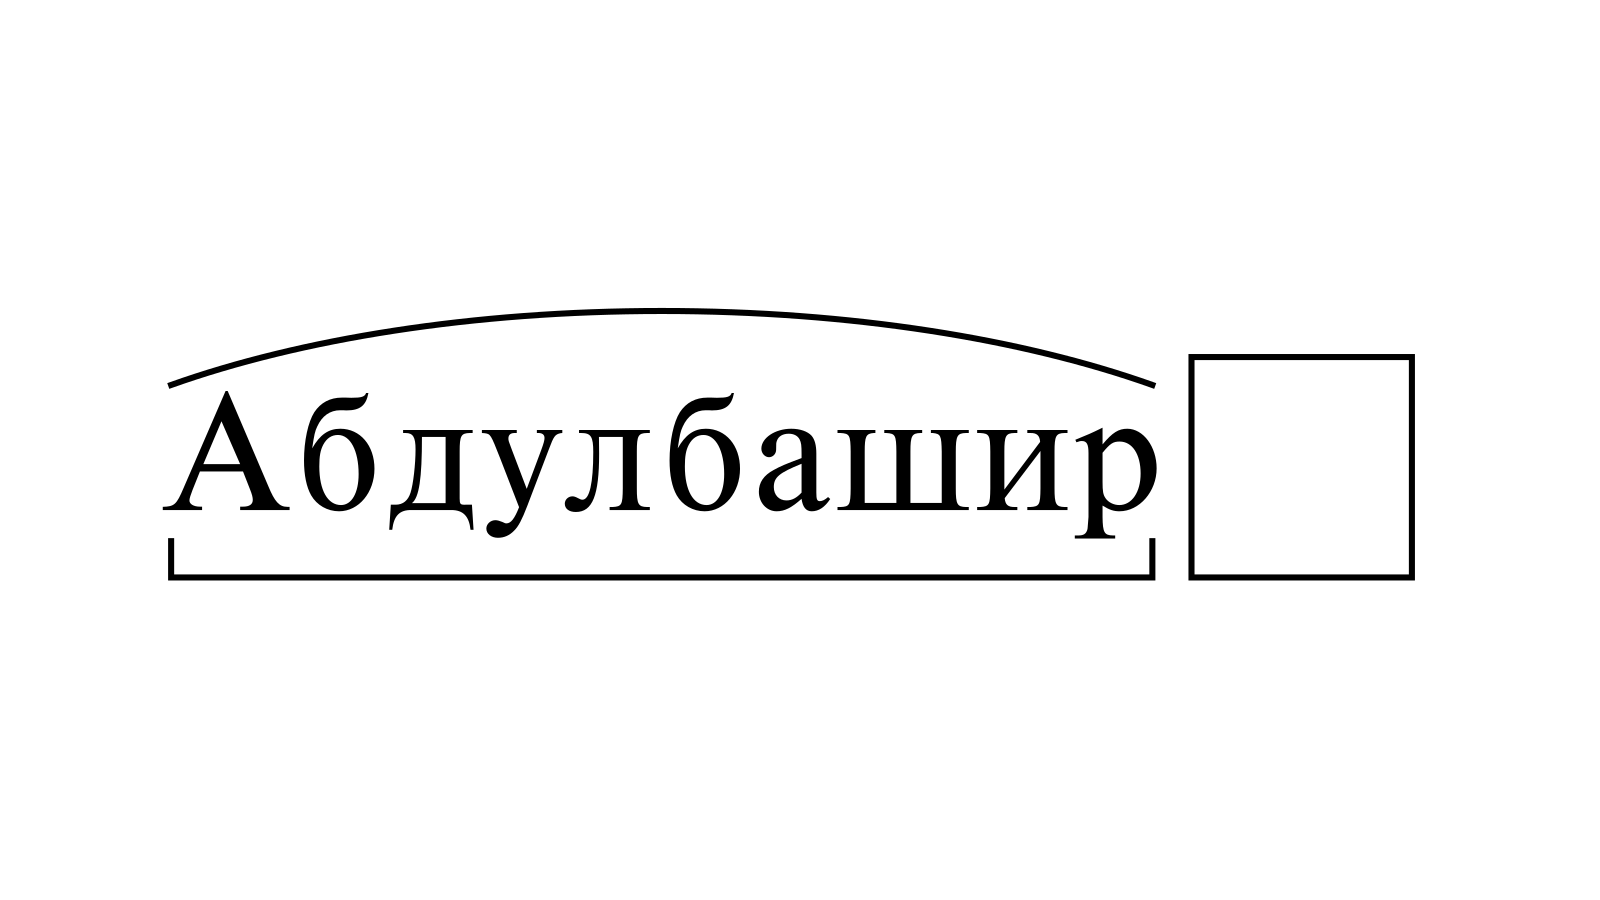 Разбор слова «Абдулбашир» по составу